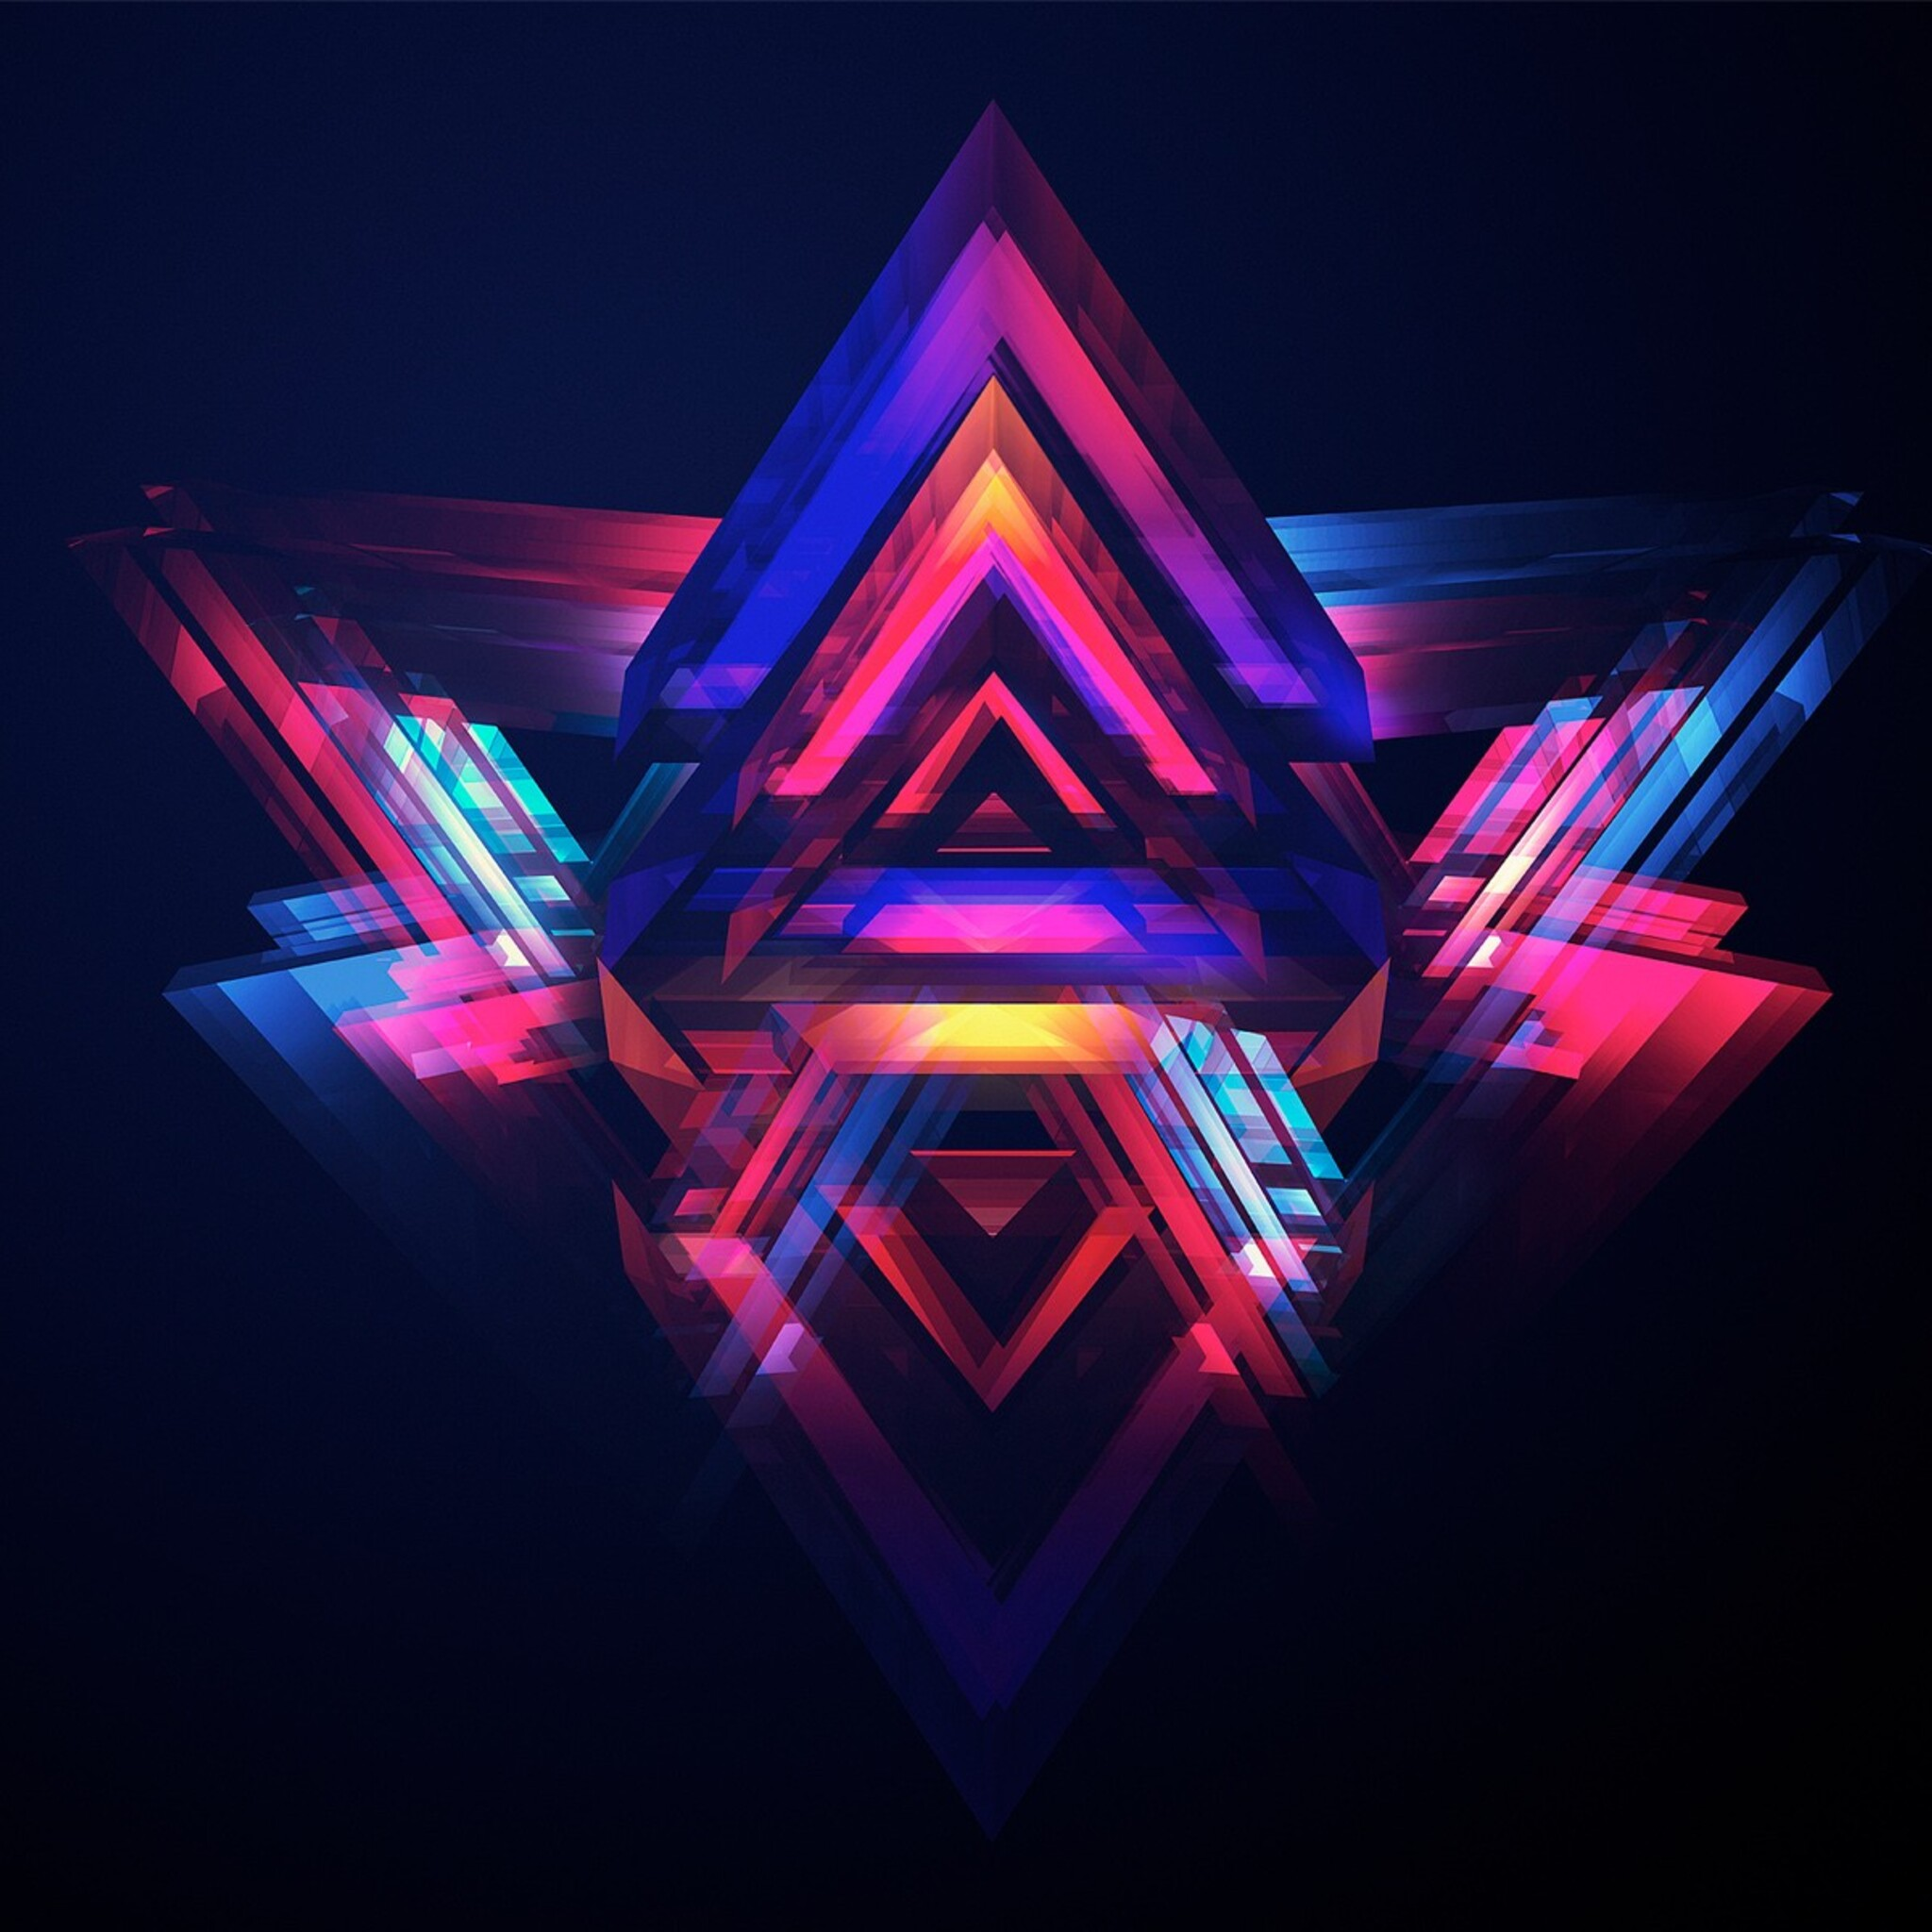 2048x2048 Abstract Pyramids Ipad Air HD 4k Wallpapers